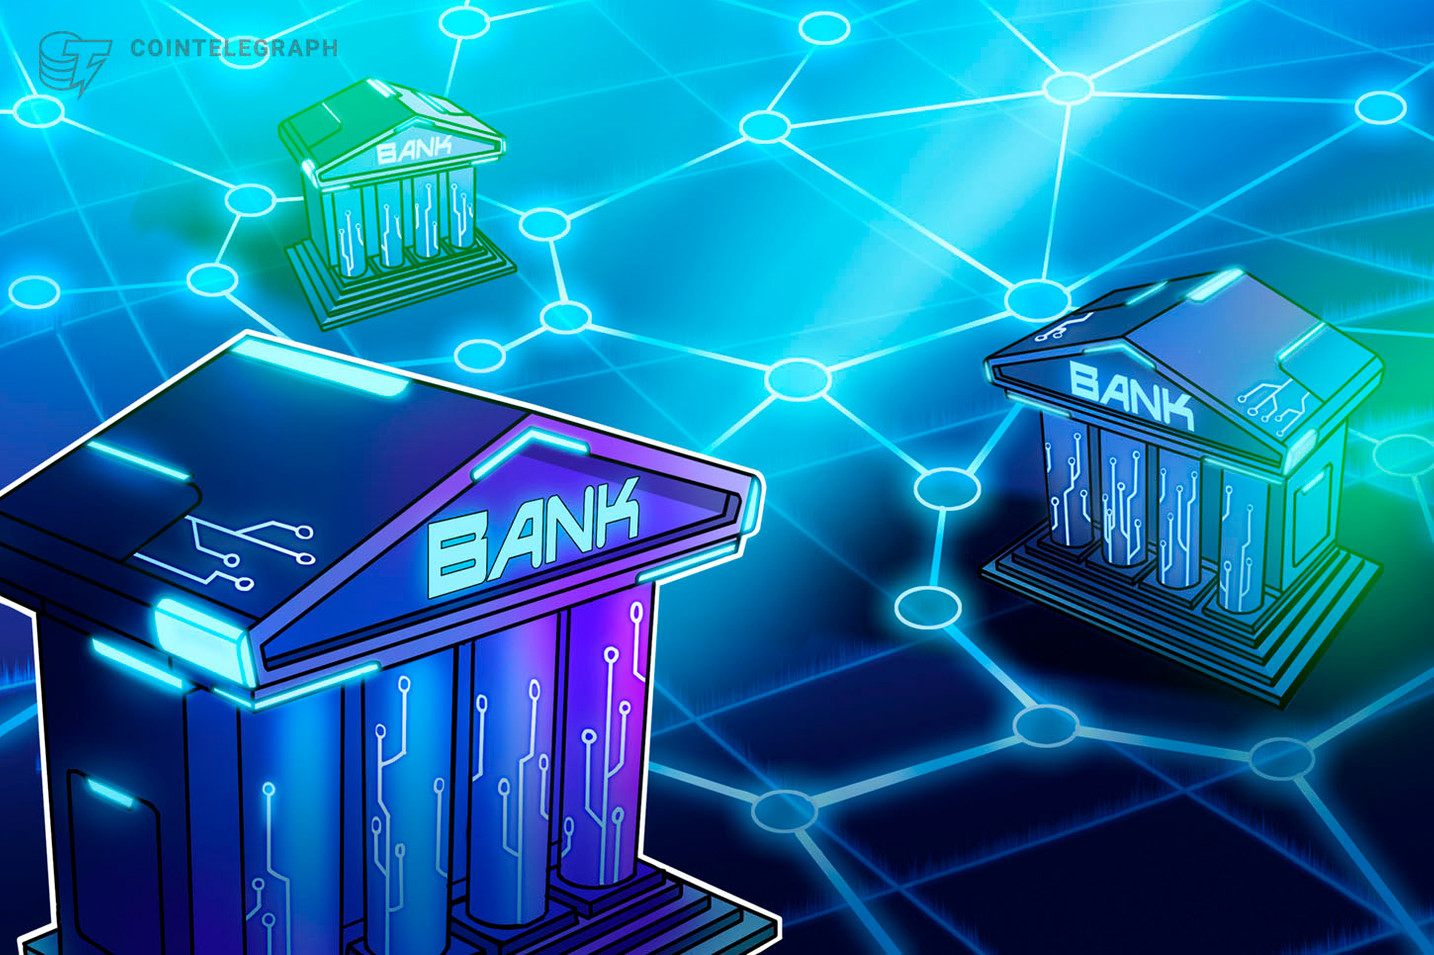 Cuatro bancos probaron con éxito la nueva plataforma blockchain para procesar préstamos de pagarés